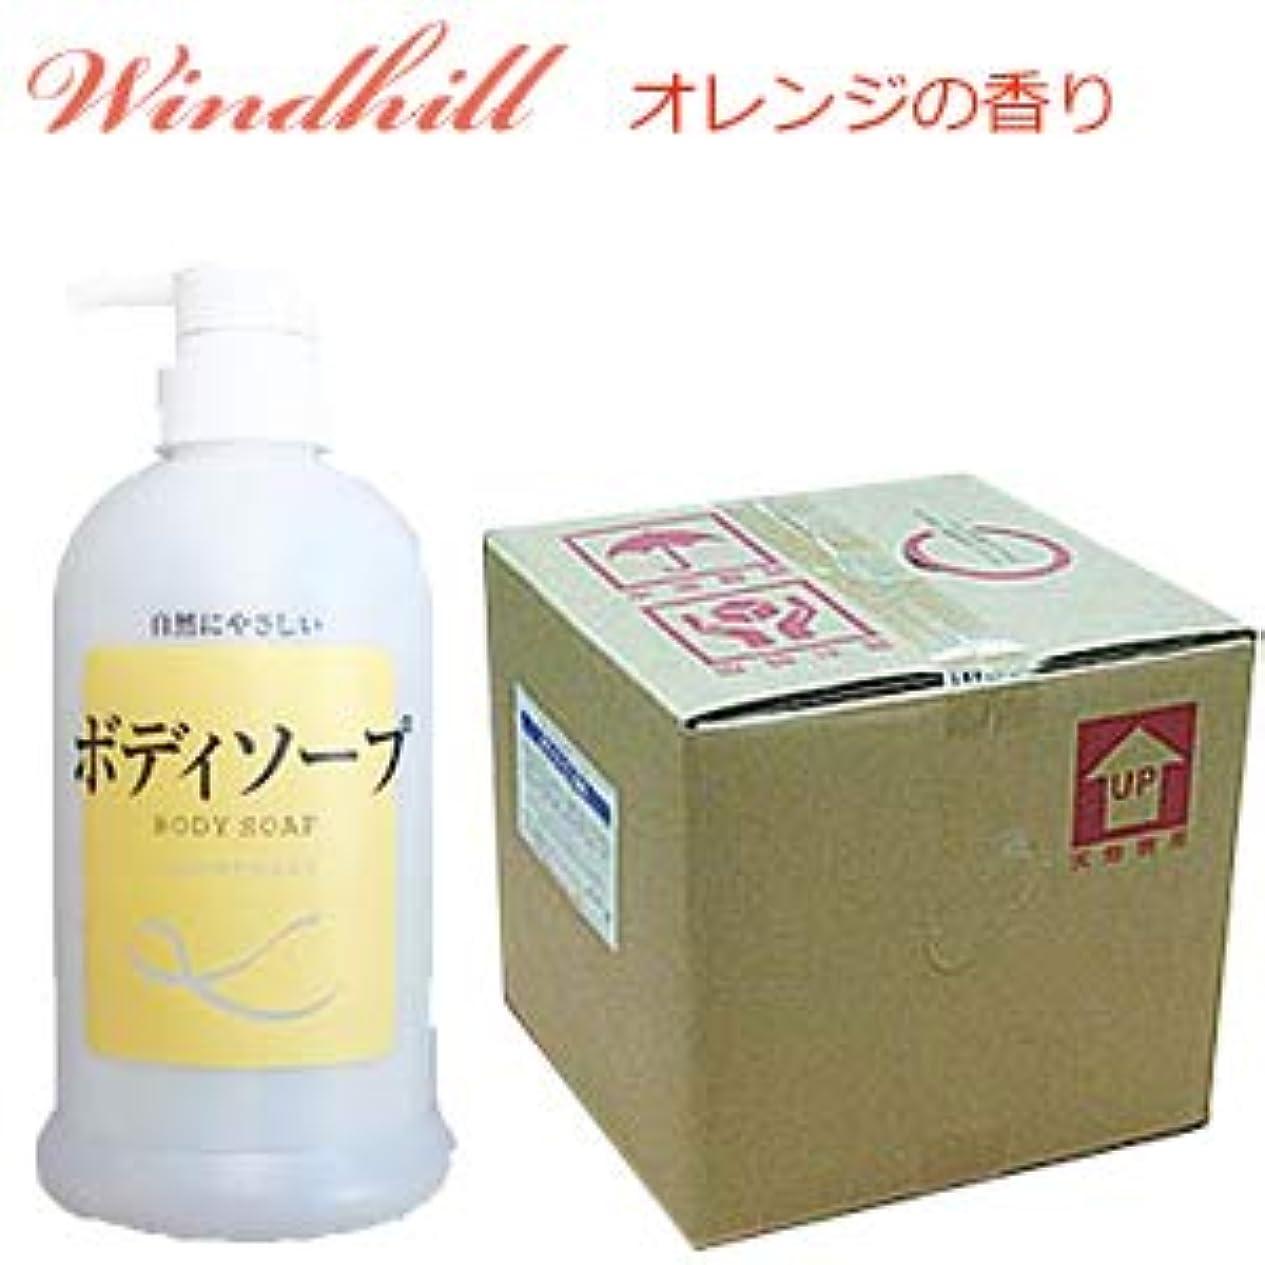 ハイライト間隔真空Windhill 植物性 業務用ボディソープオレンジの香り 20L(1セット20L入)